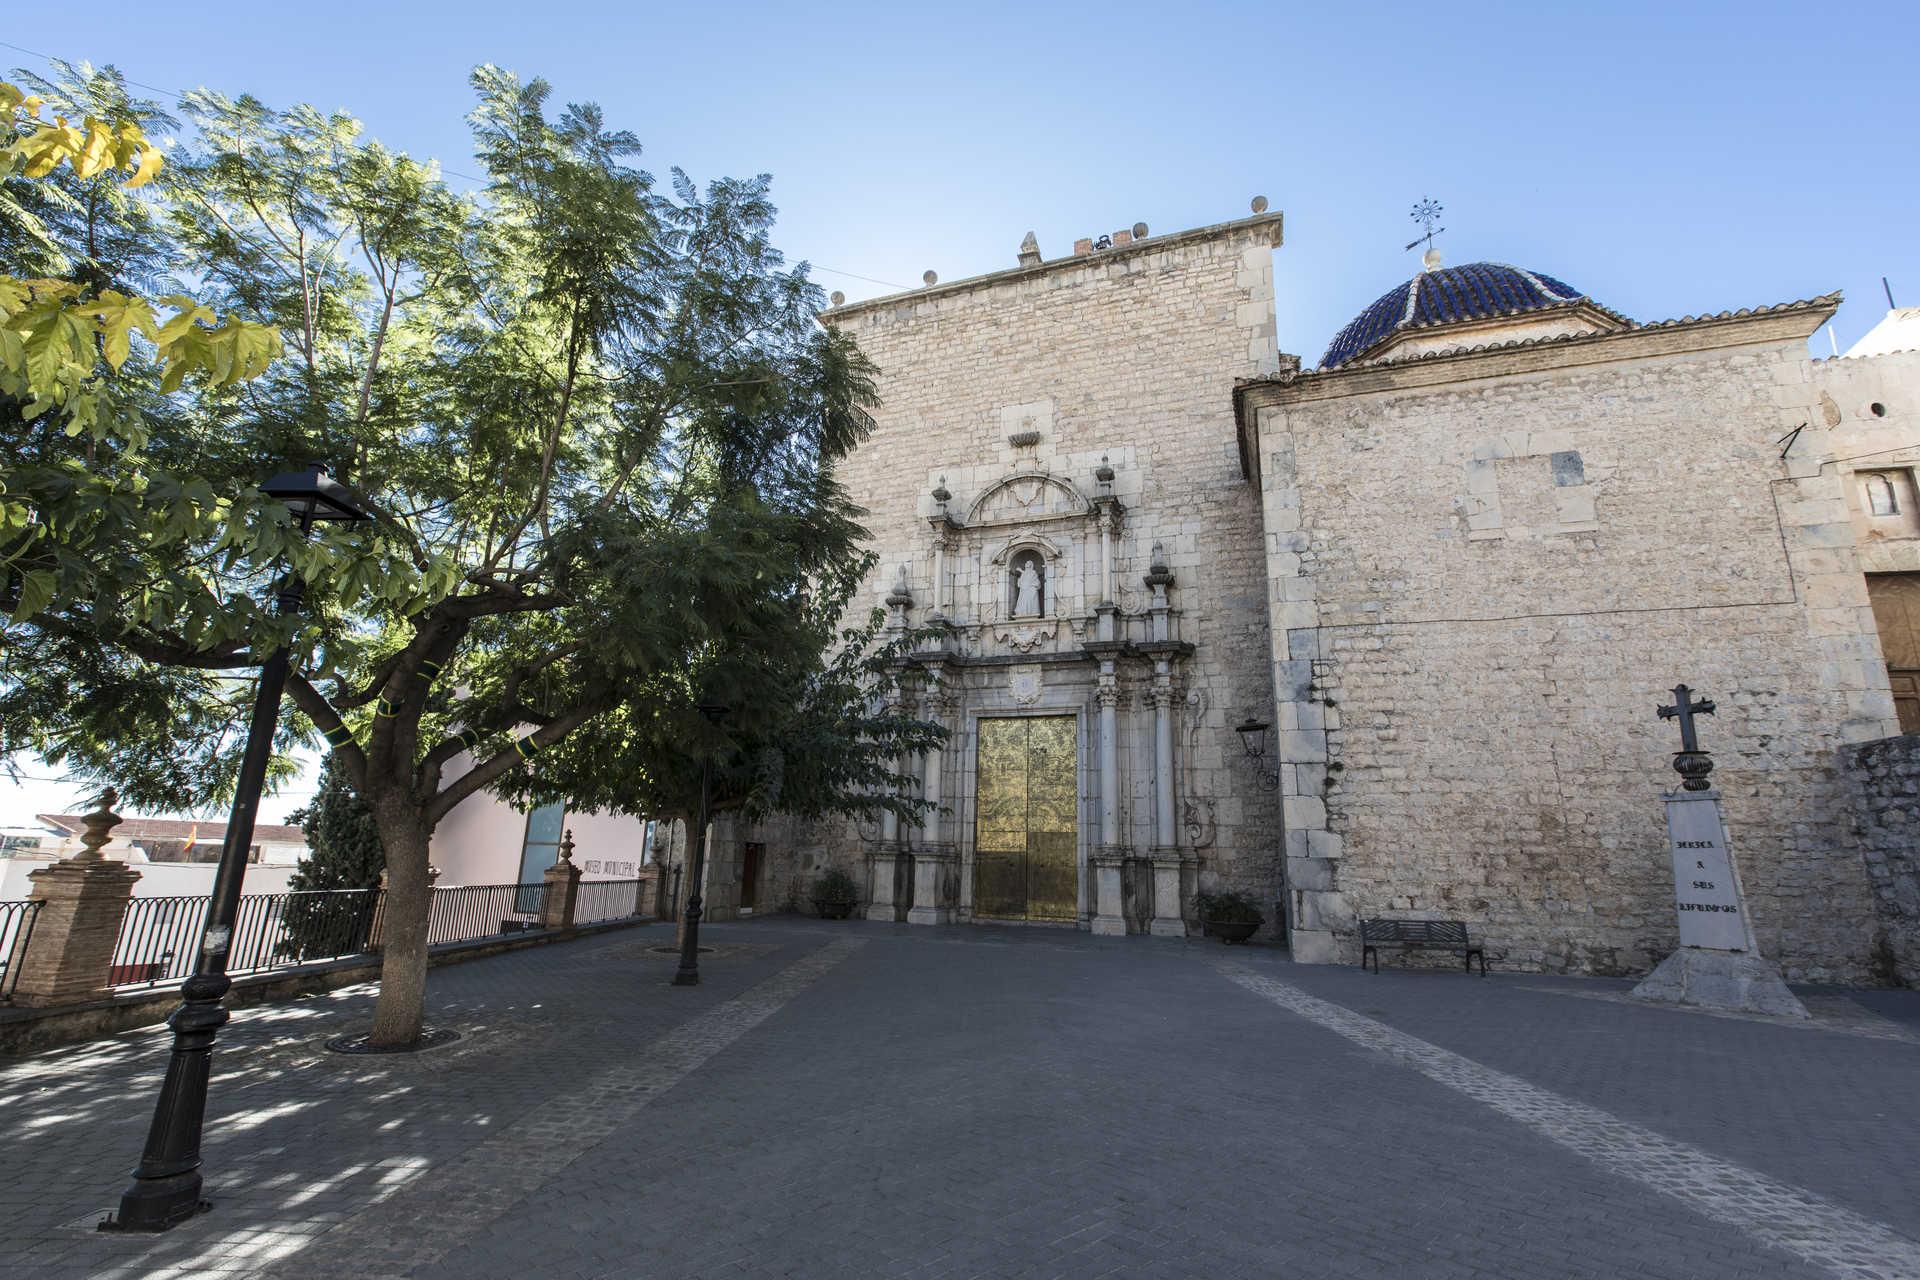 https://multimedia.comunitatvalenciana.com/6CA5D6BA9B00467BA1ABCDB8485F29D5/img/797FA5033F2A49928E6C189B65EBEB8B/Iglesia_Nueva_de_Santa_Agueda_7H9A9495.jpg?responsive